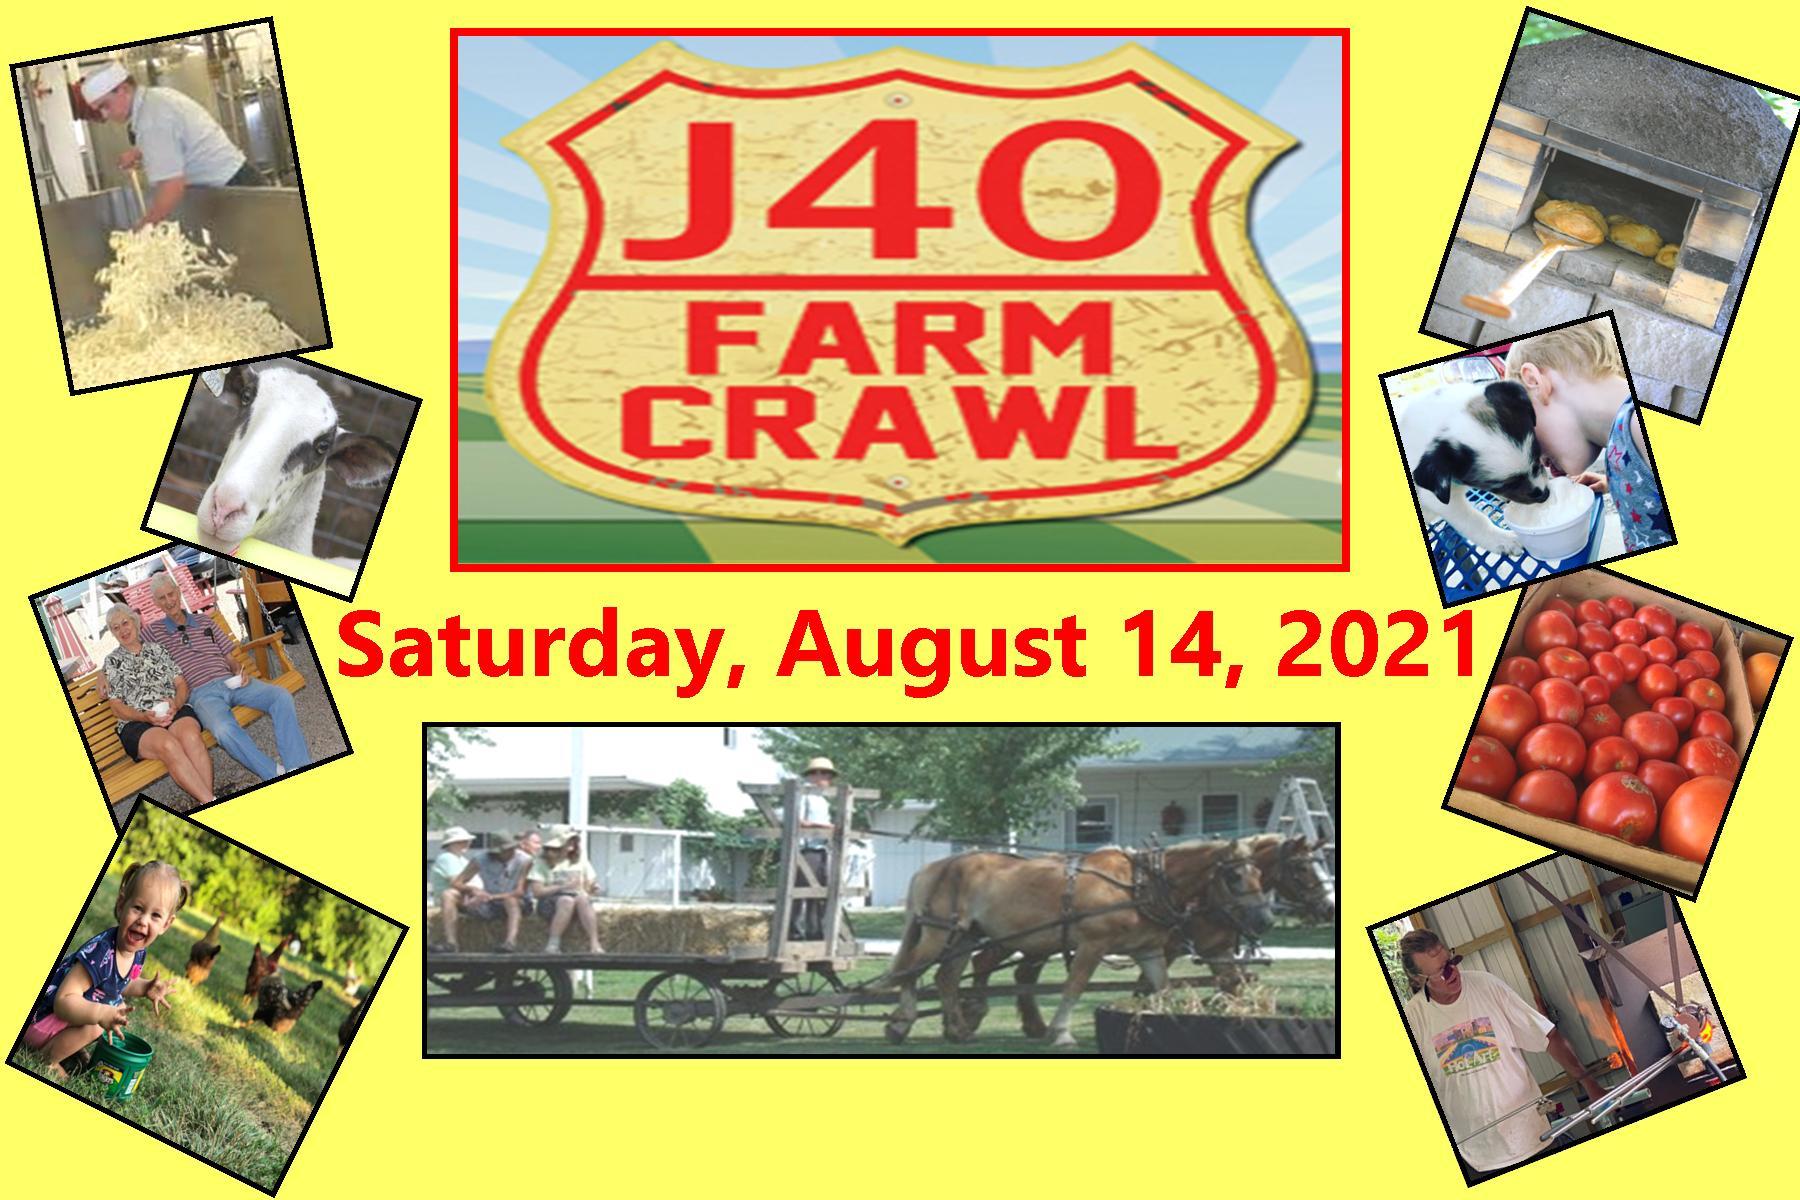 2021 J40 Farm Crawl